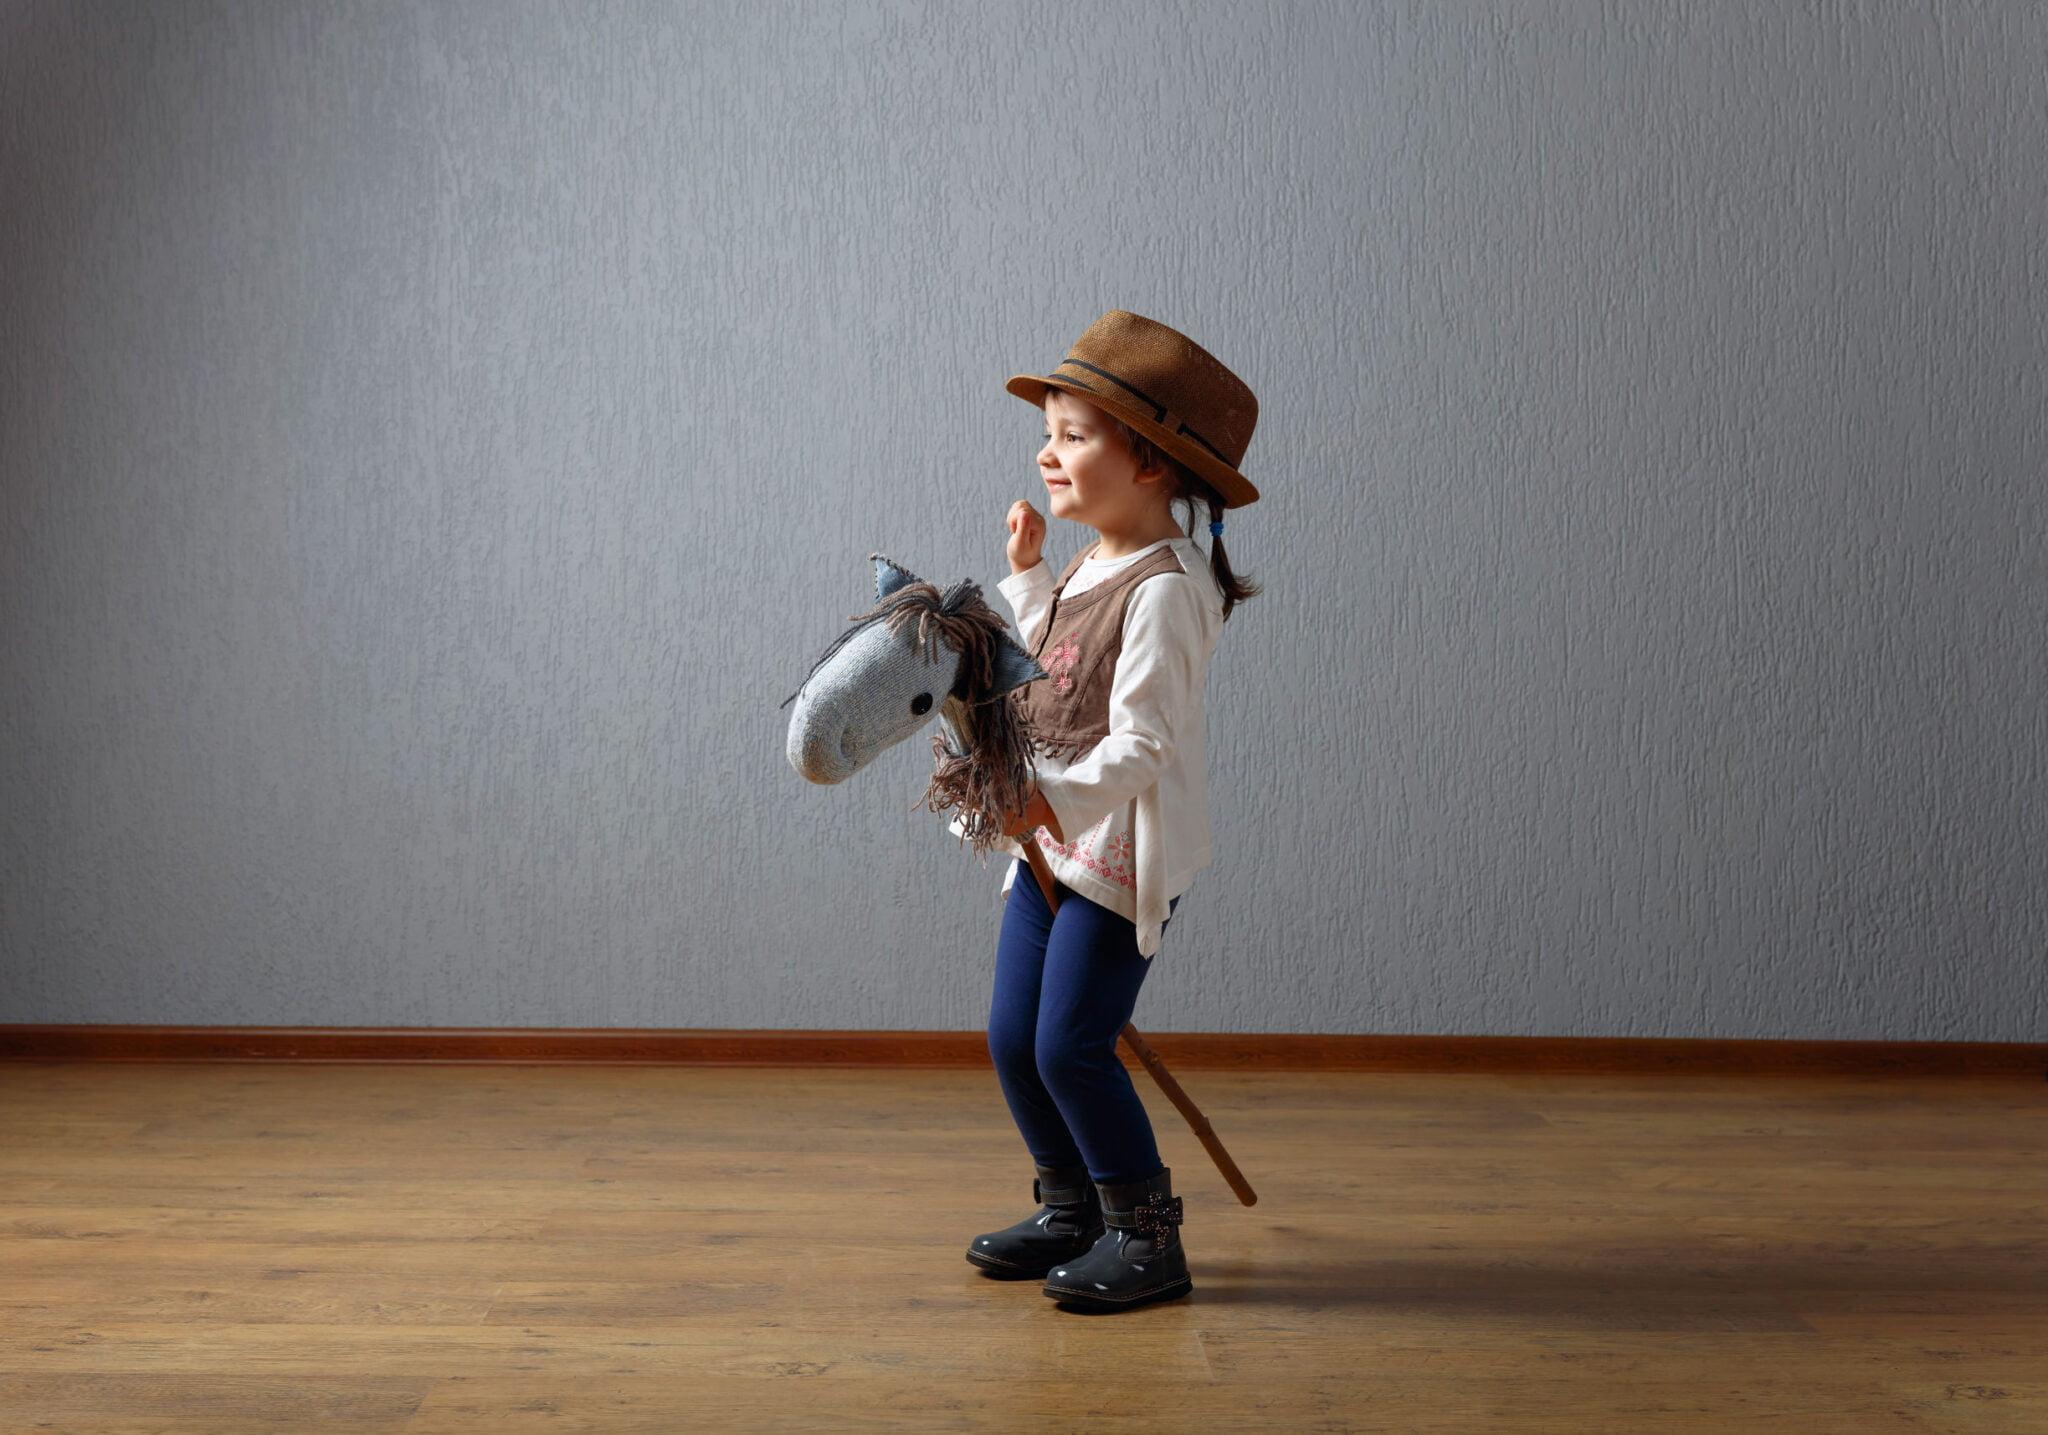 Indie kledingstijl; fashion tips voor kinderen- Mamaliefde.nl